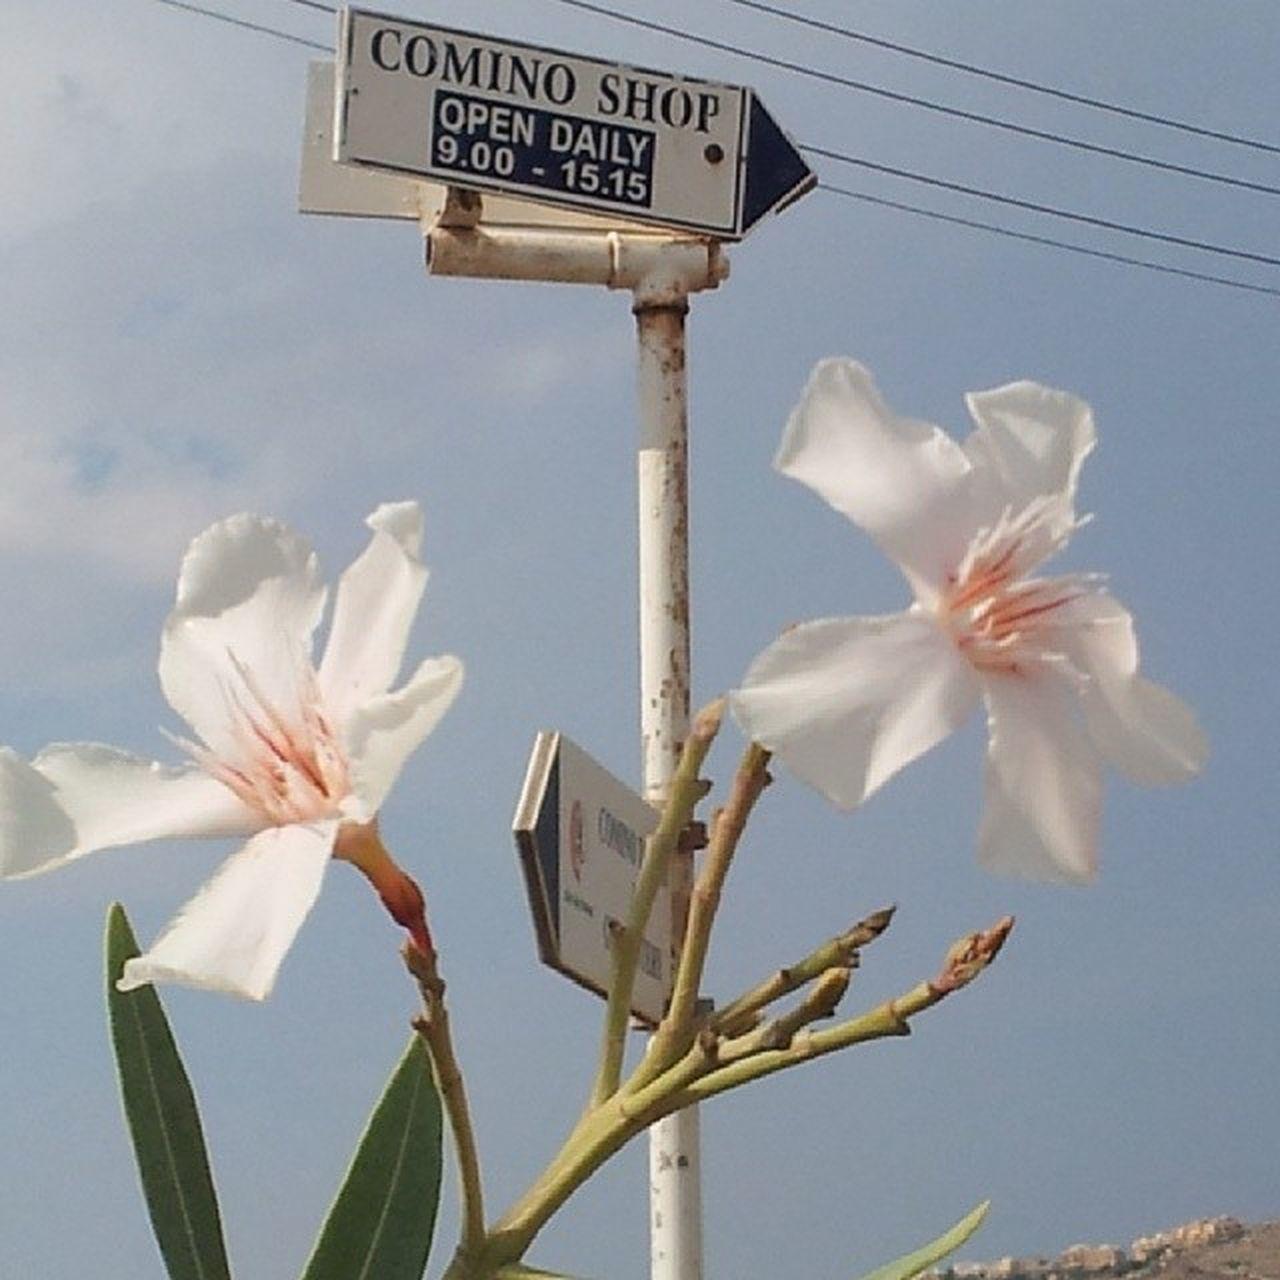 Sky Flower Whiteflower Visitcomino